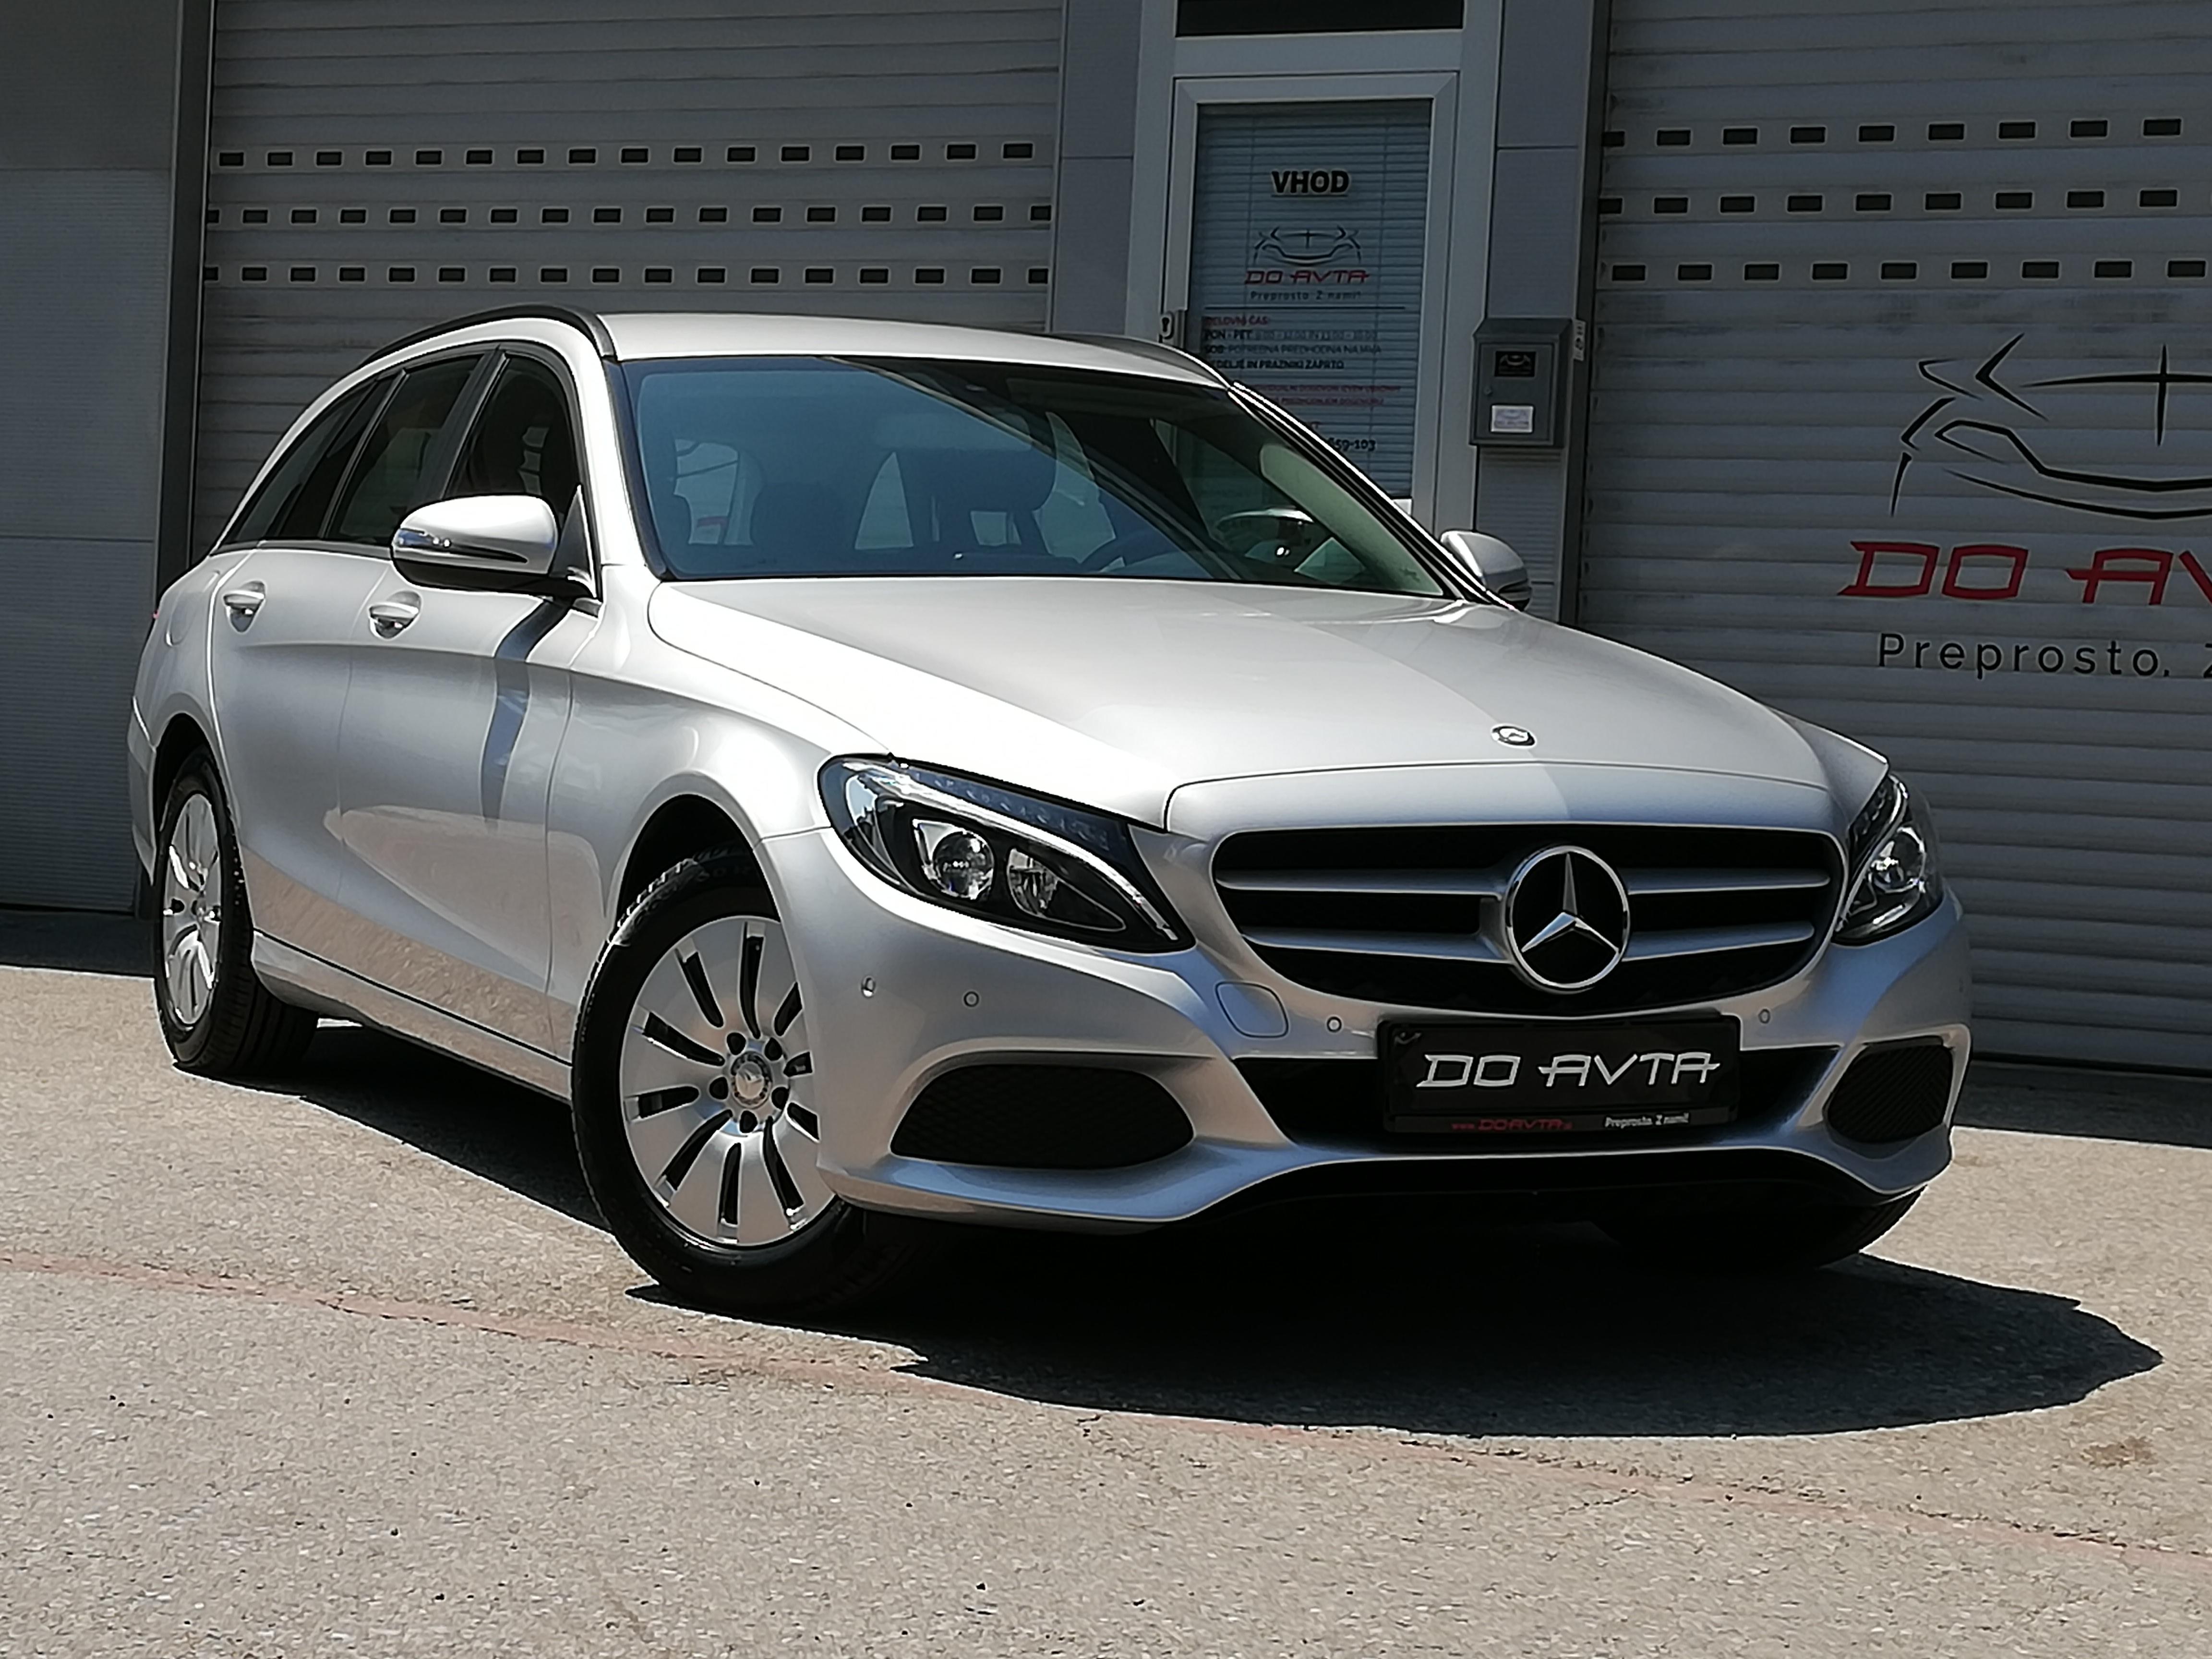 NAJBOLJ PRILJUBLJENI RABLJENI AVTOMOBILI: Mercedes razred C